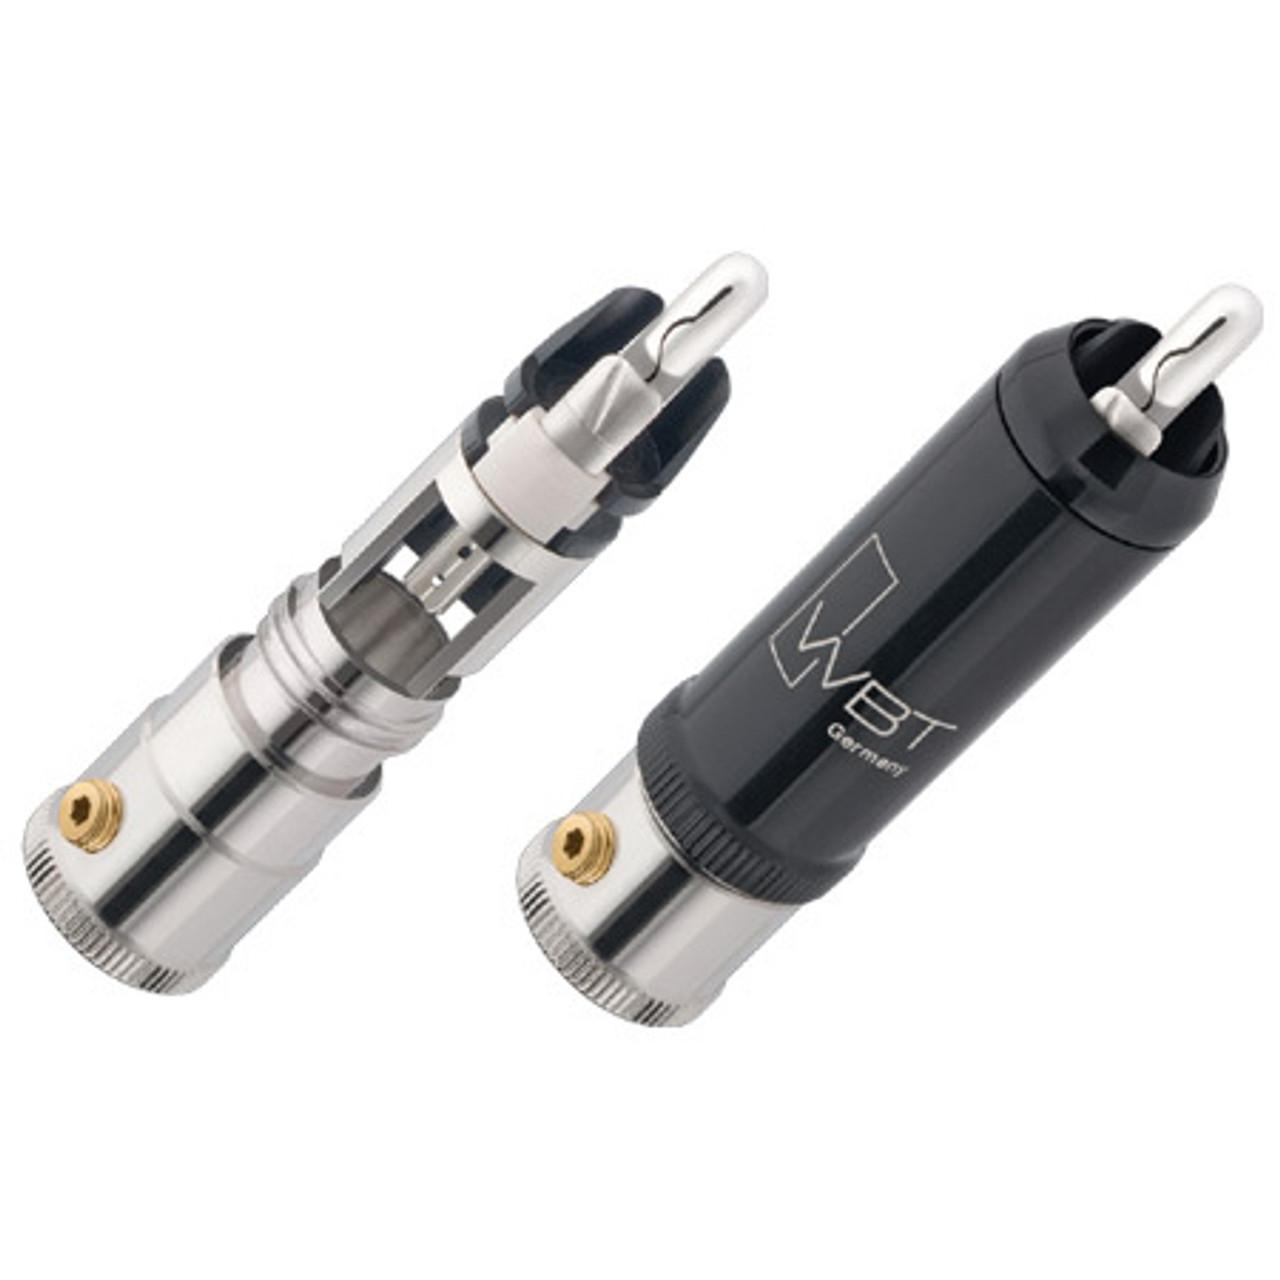 WBT WBT-0152 Ag RCA plug